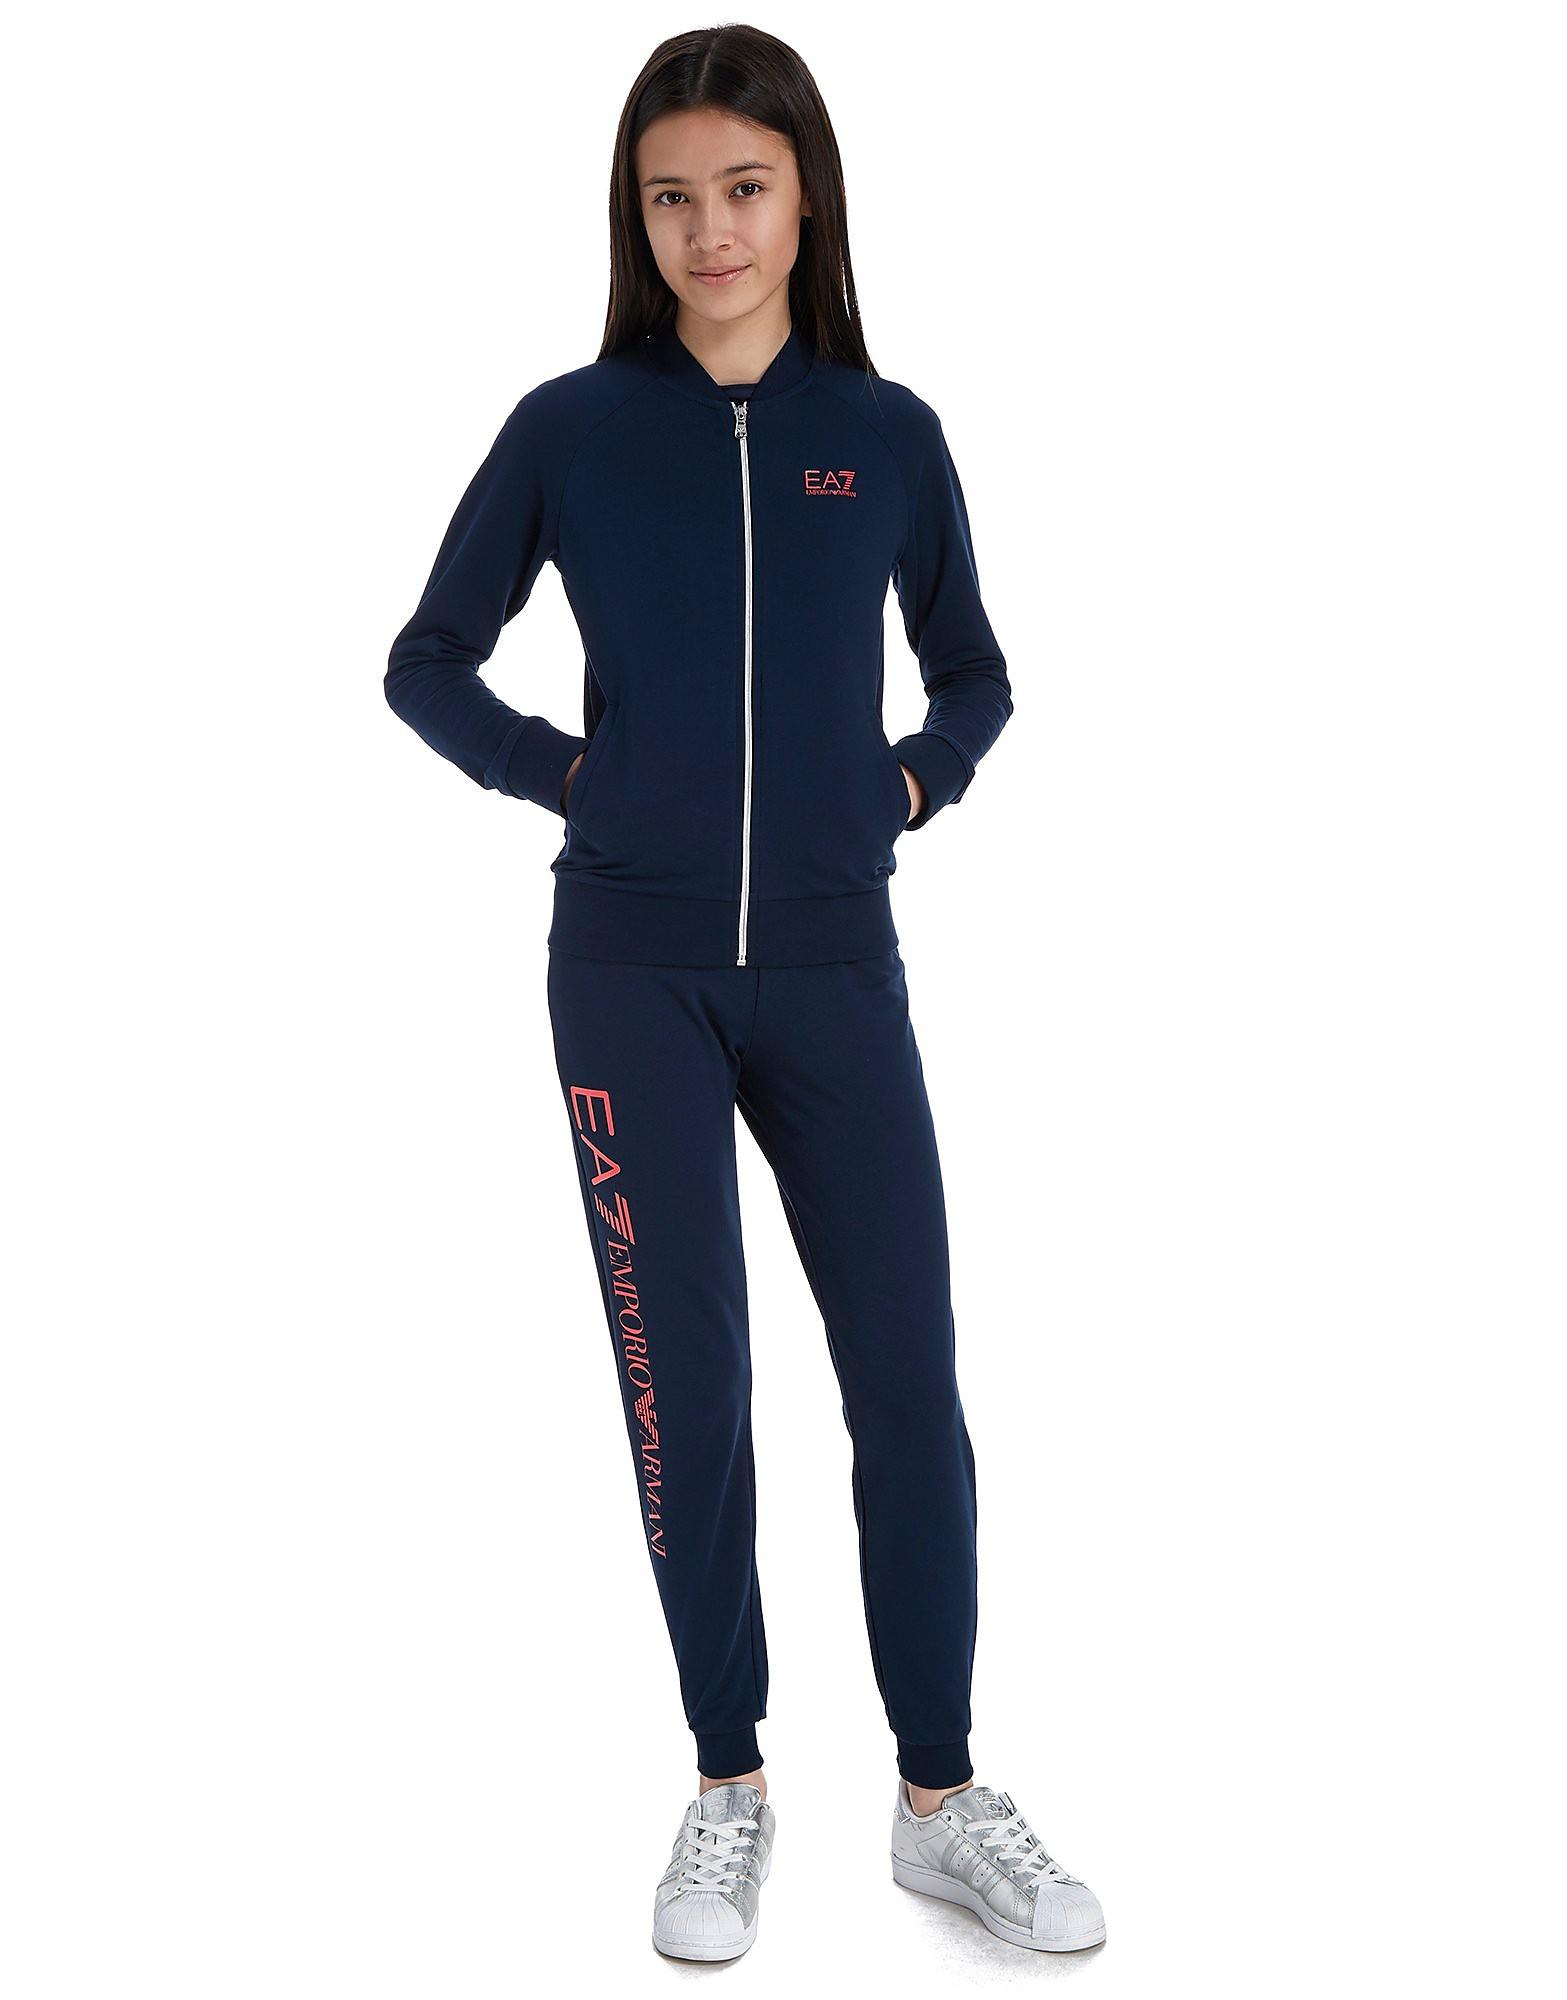 Emporio Armani EA7 Girls' Bomber Suit Junior